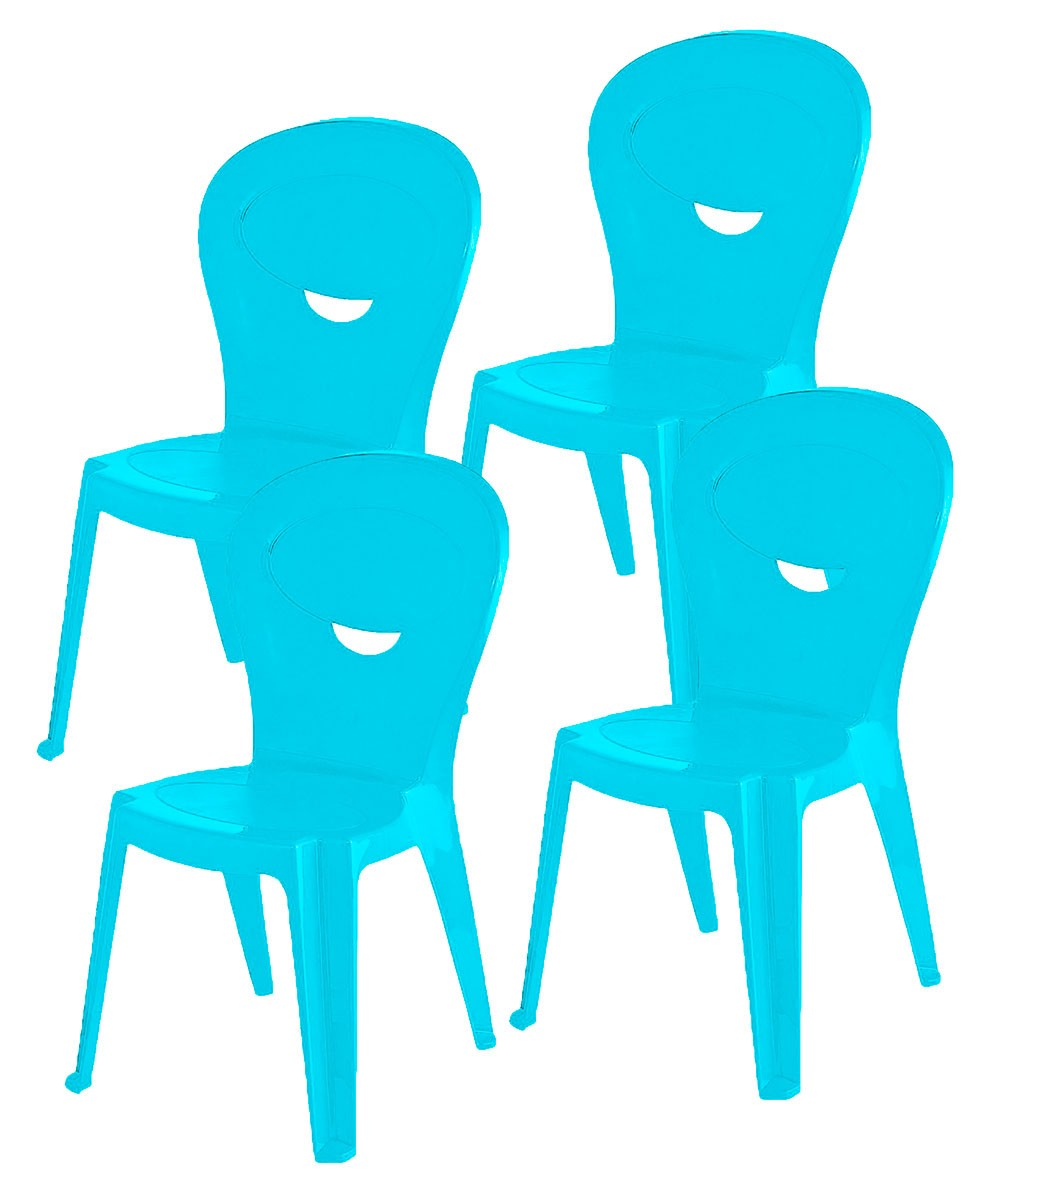 Kit 4 Cadeiras Infantil Vice Azul - Ponta de estoque